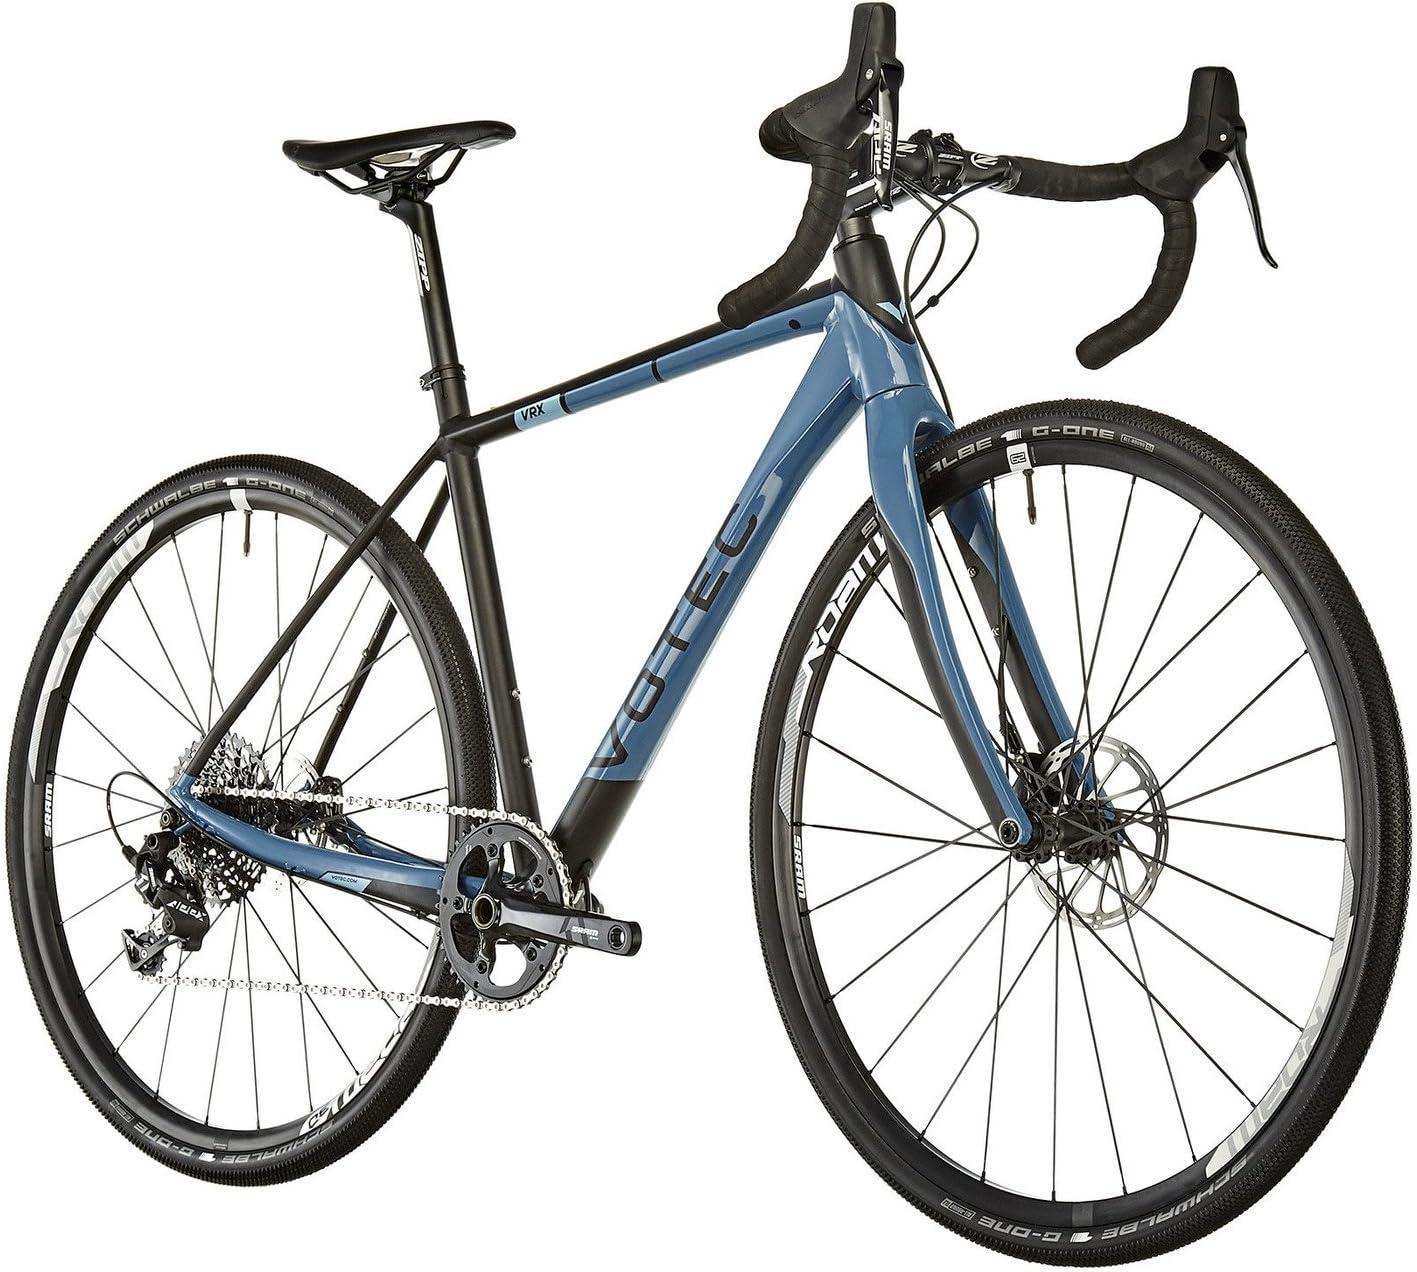 VOTEC VRX Comp - Bicicletas Gravel- Negro/Azul petróleo Tamaño del Cuadro XS / 44cm 2019 Bicicletas ciclocross: Amazon.es: Deportes y aire libre